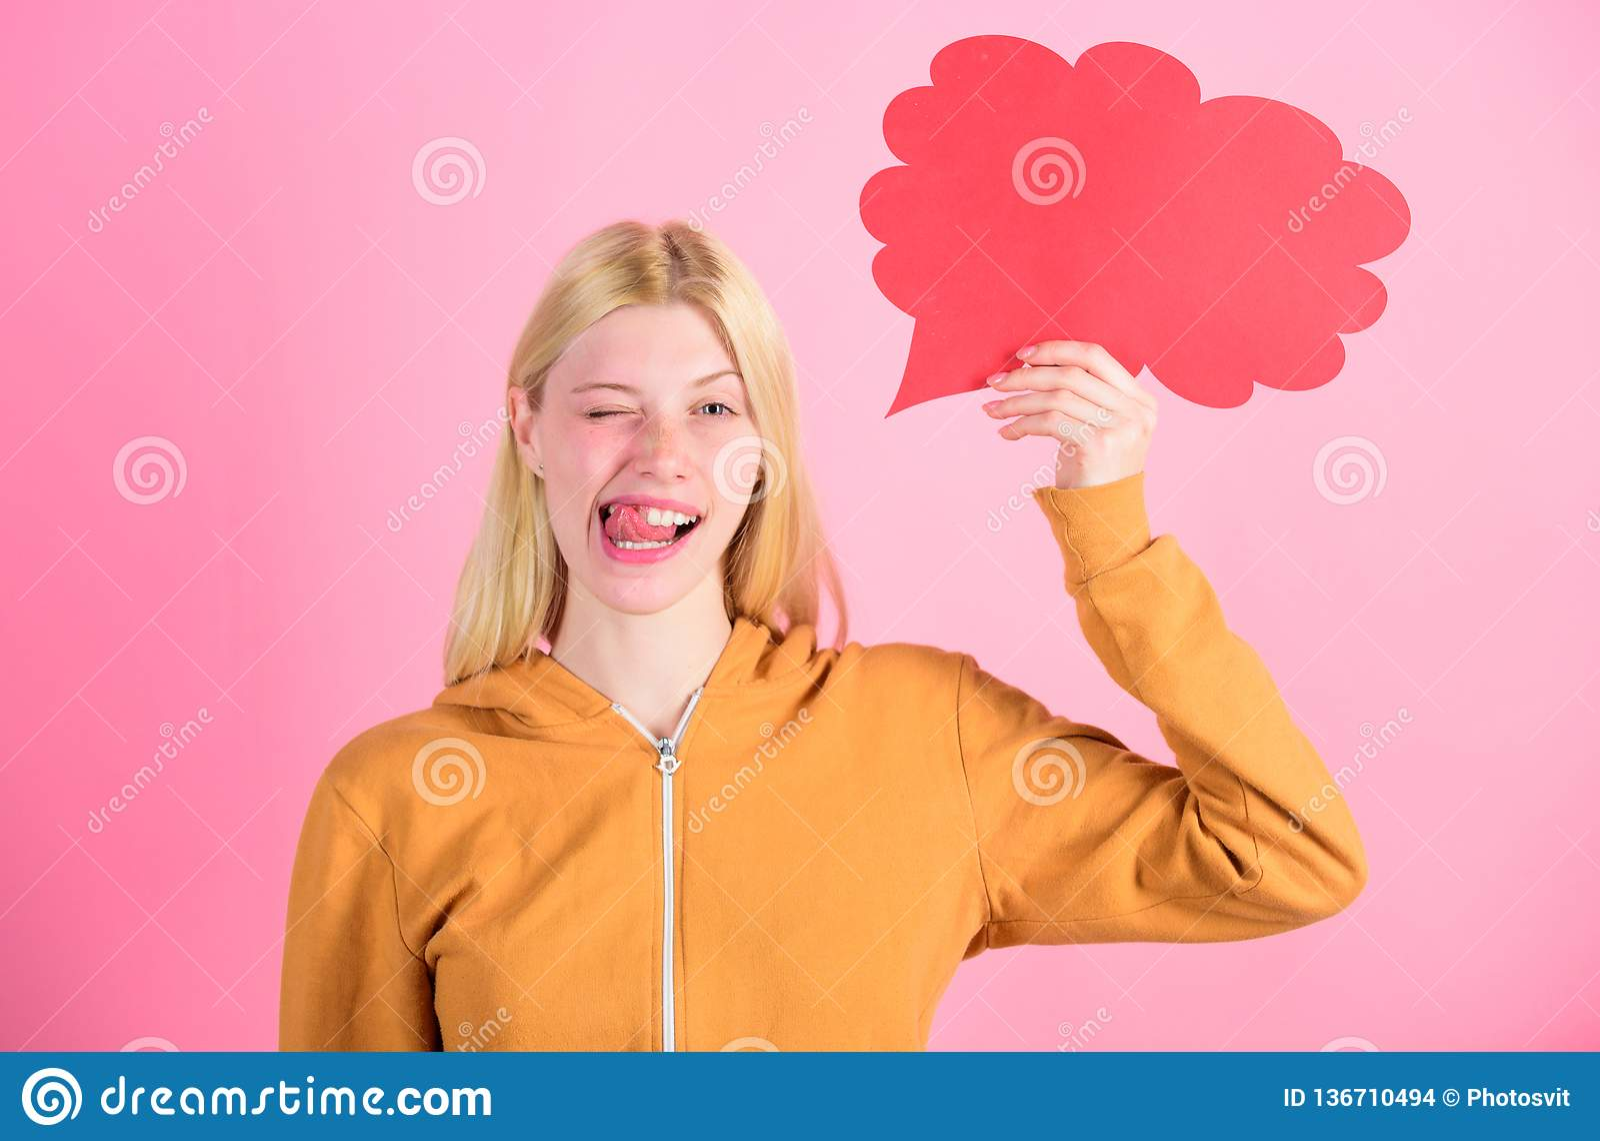 Idea e inspiración Cuál está en su mente Idea fresca Idea y creatividad Hace alusión y refiere el concepto Ideas y pensamientos